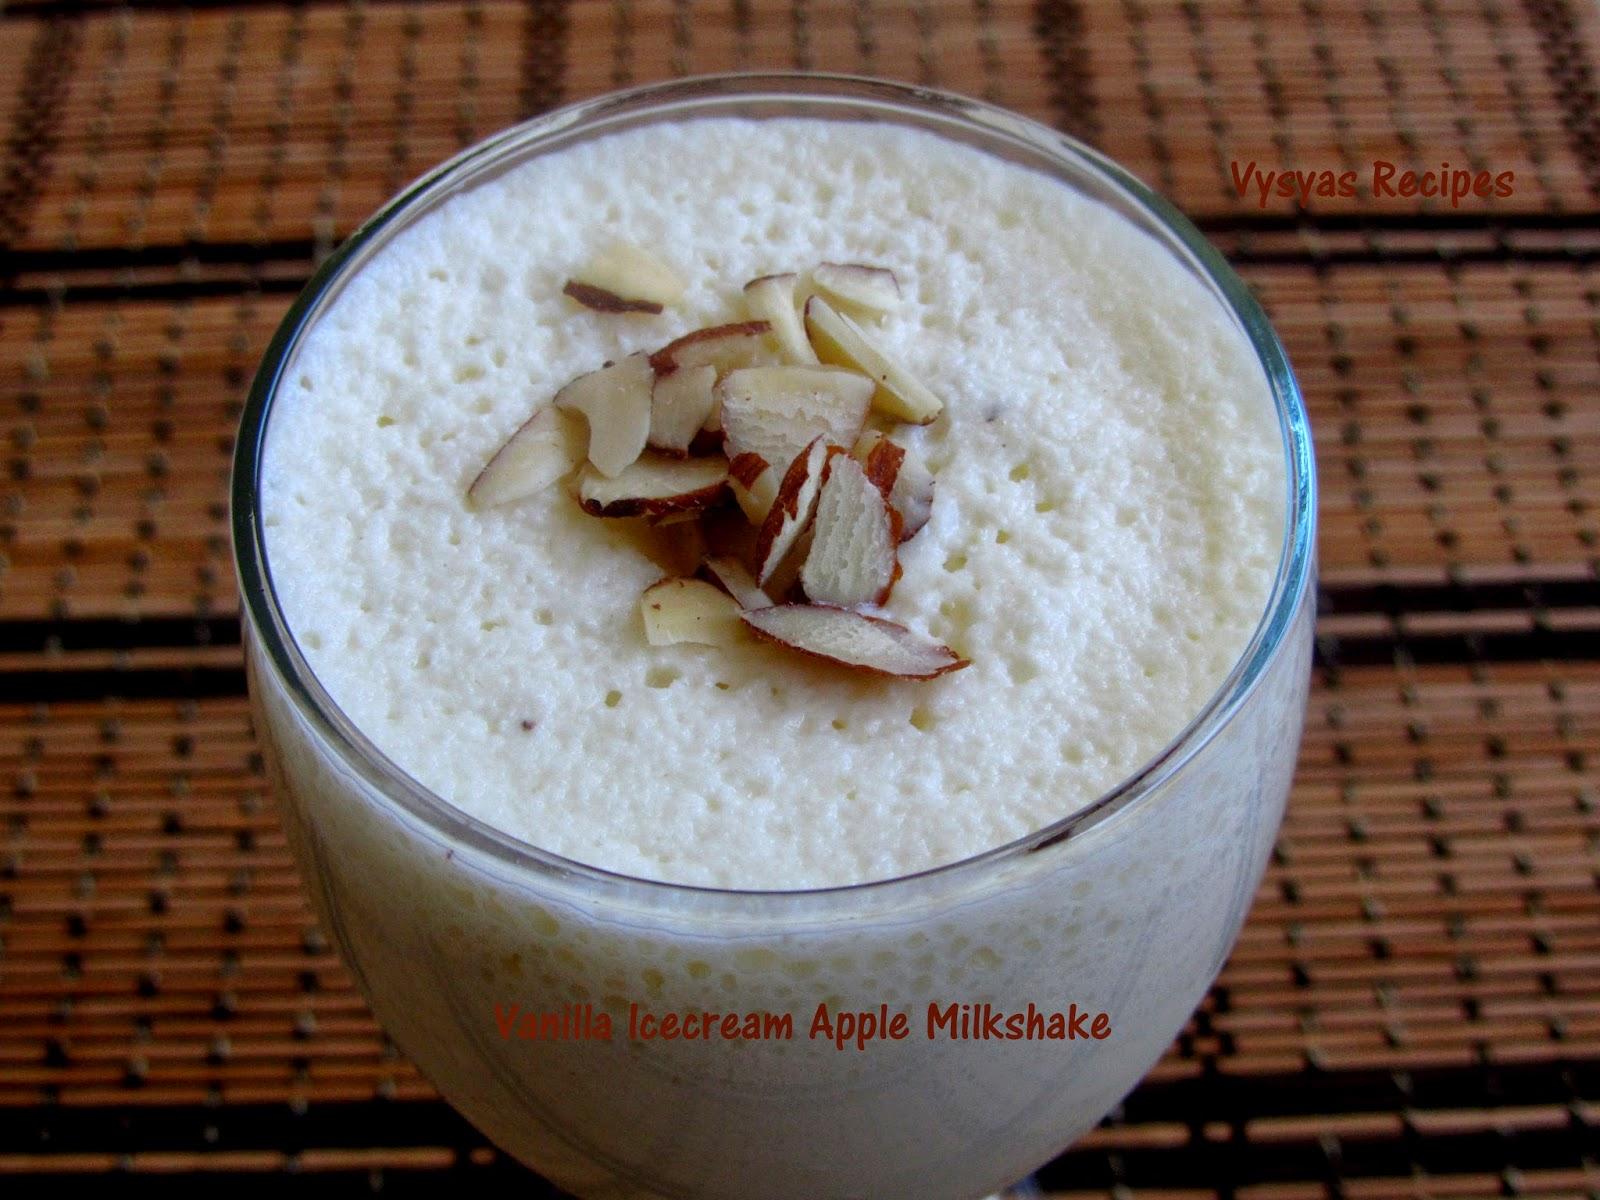 apple milk shake - with vanilla flavoured - vanilla icecream apple milkshake